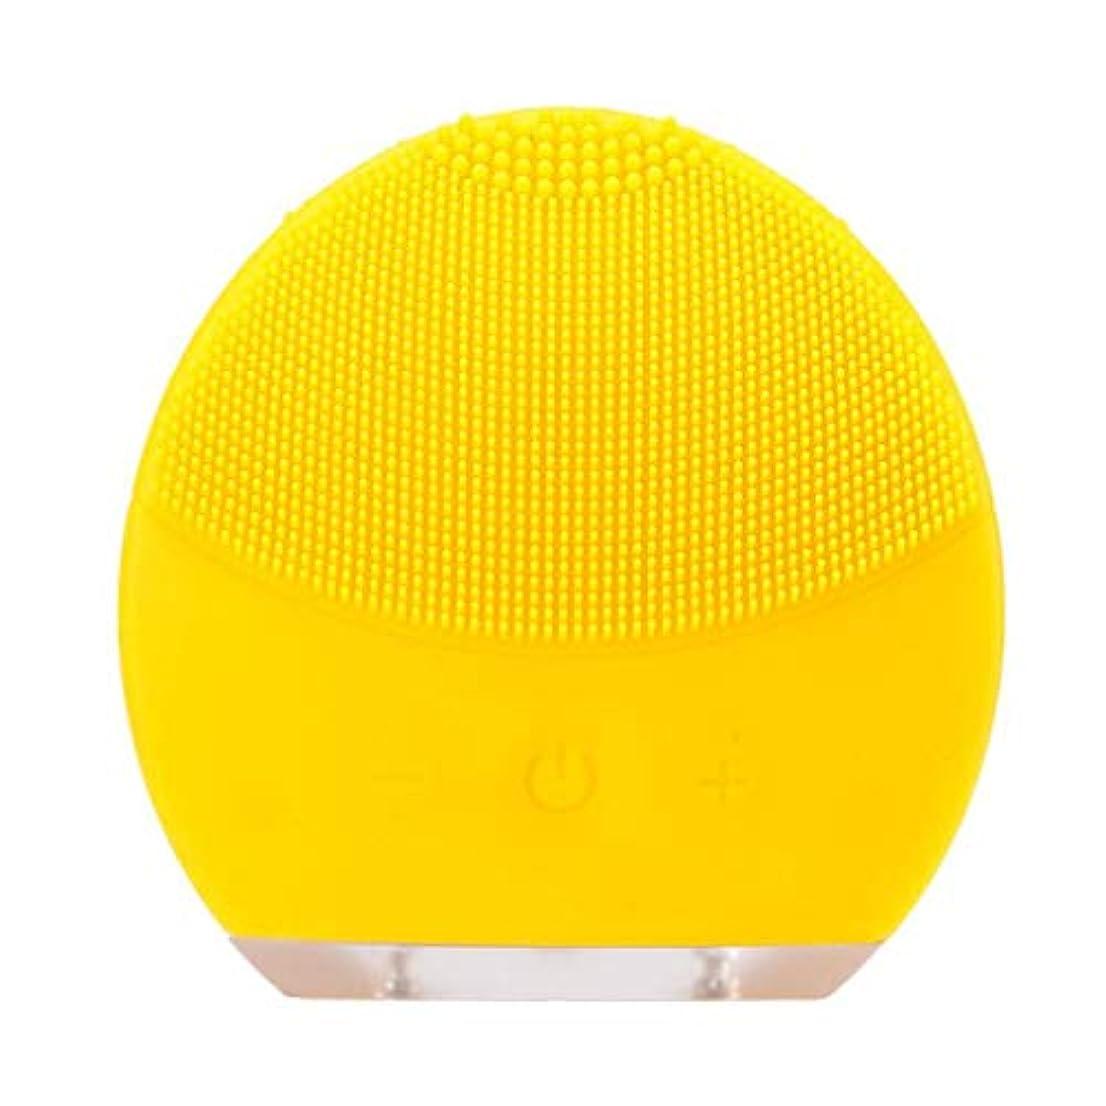 残高必要性集中超音波振動美容機器洗浄器、皮膚の毛穴を最小限に抑えるマイクロダーマブレーション毛穴、USB 充電と防水,Yellow